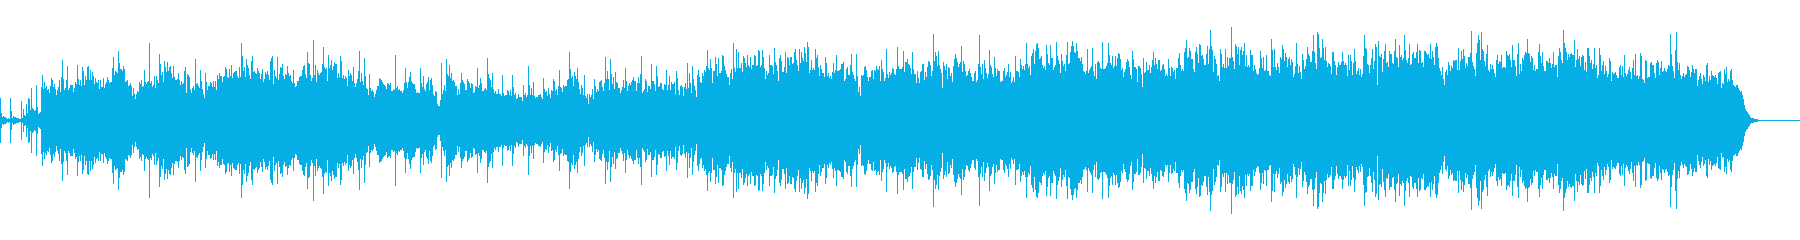 和楽器をたくさん使った和風幻想曲の再生済みの波形